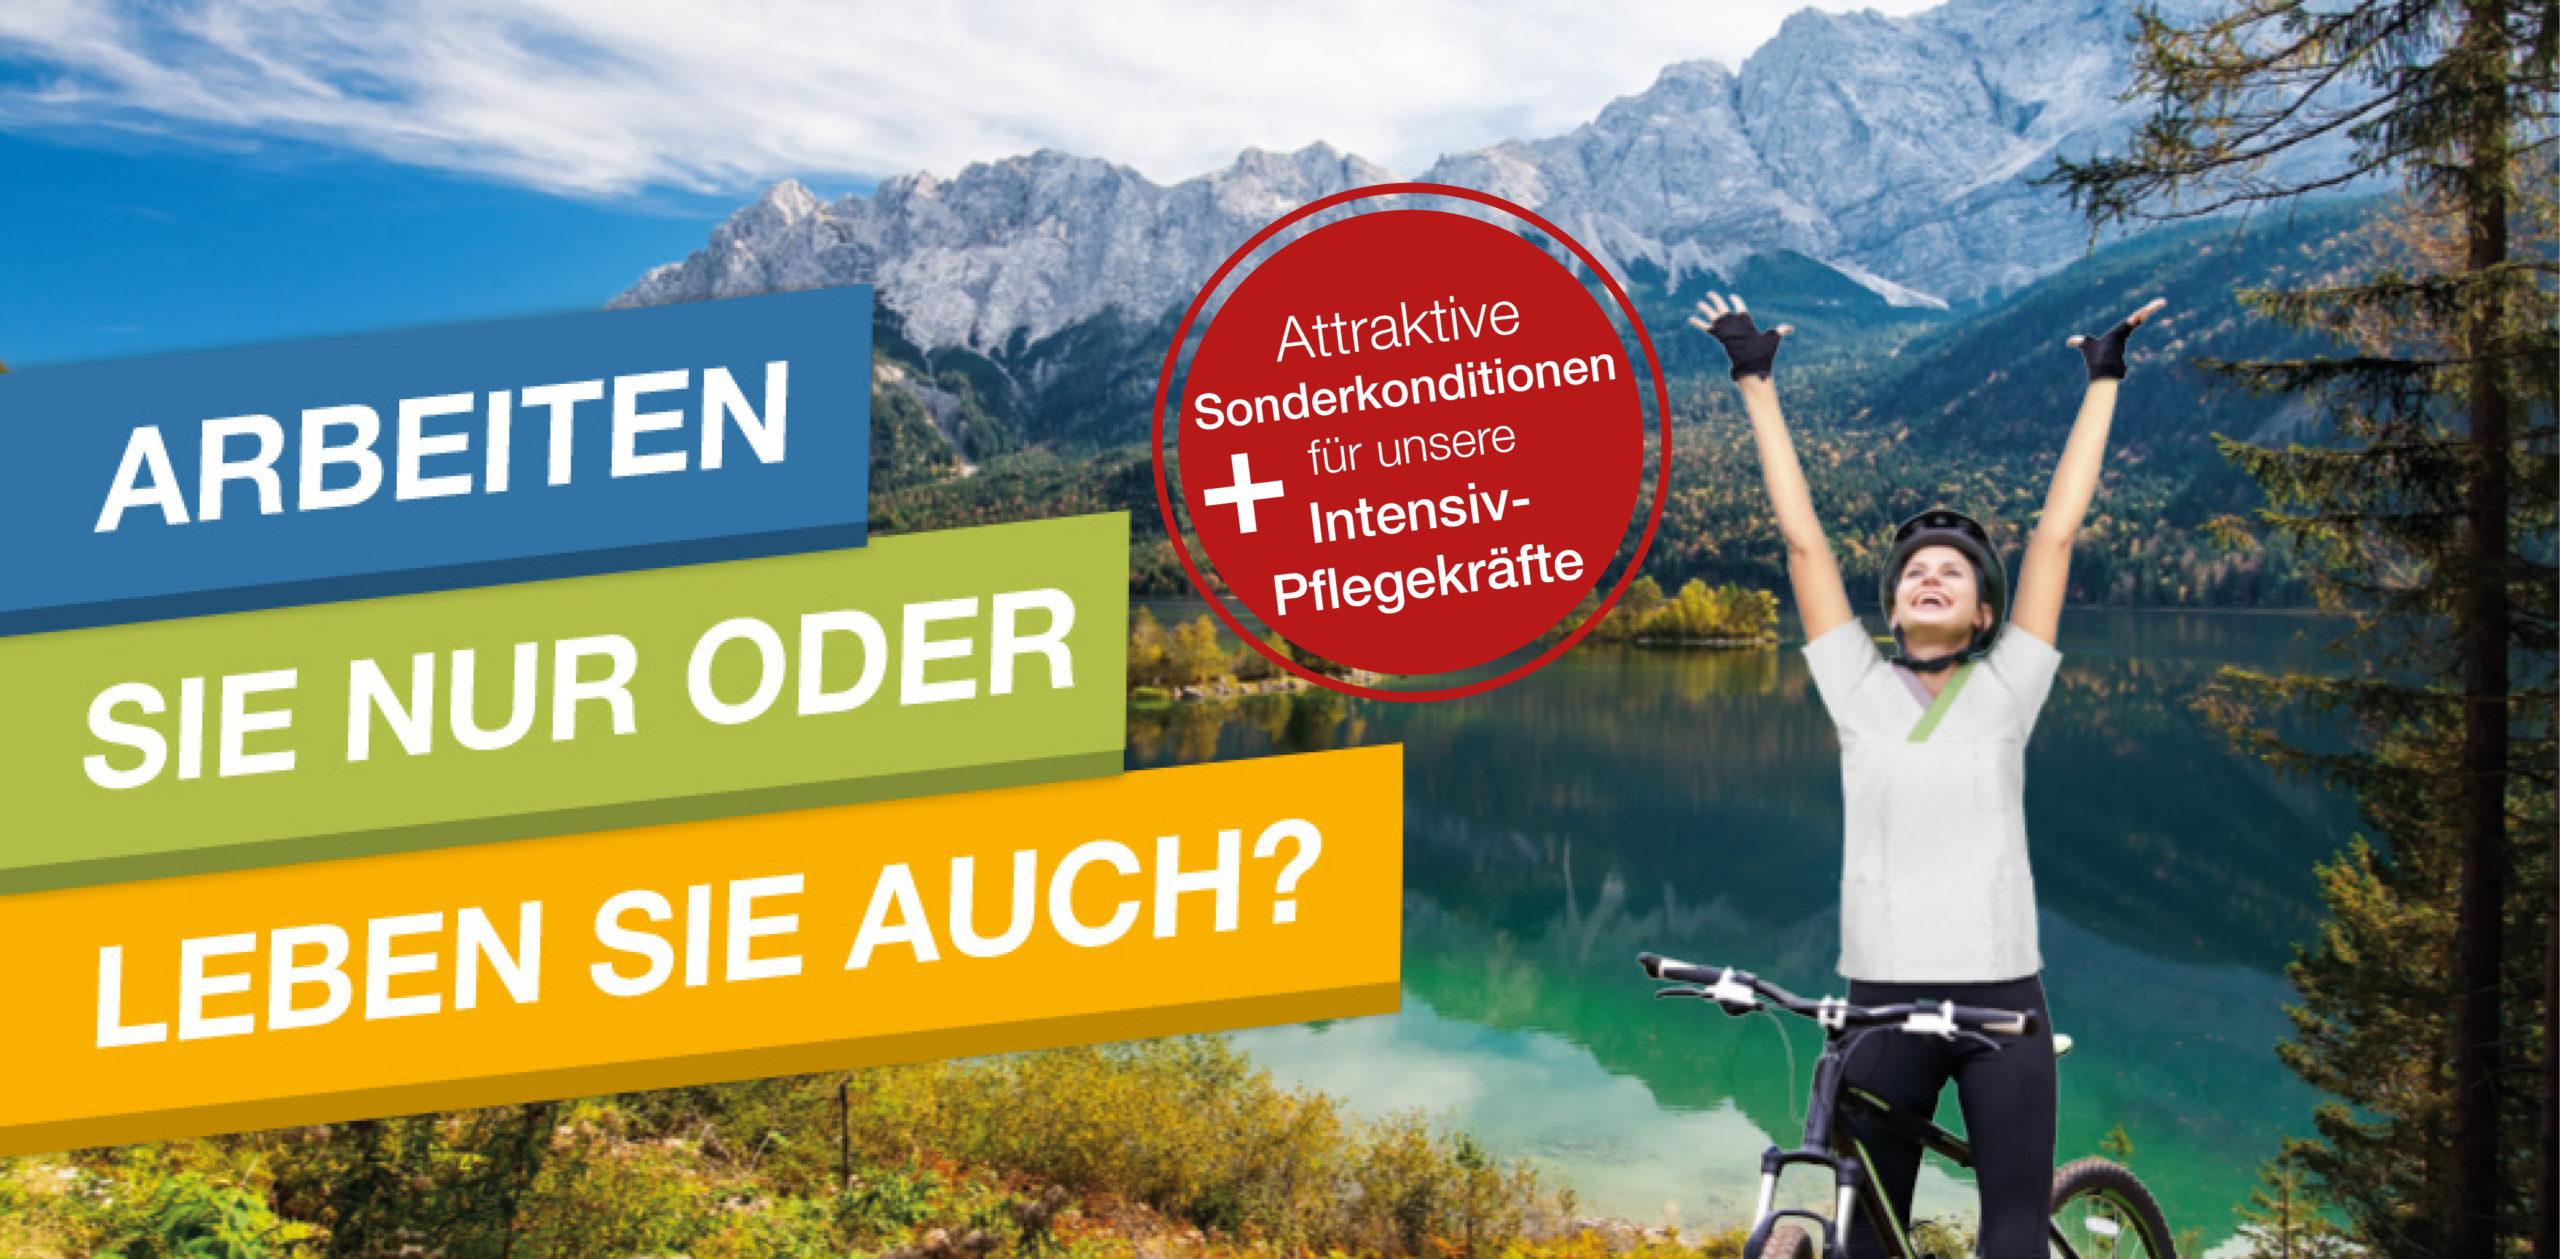 Header für Stellenangebot Gesundheits und Krankenpfleger von Klinikum Garmisch-Partenkirchen